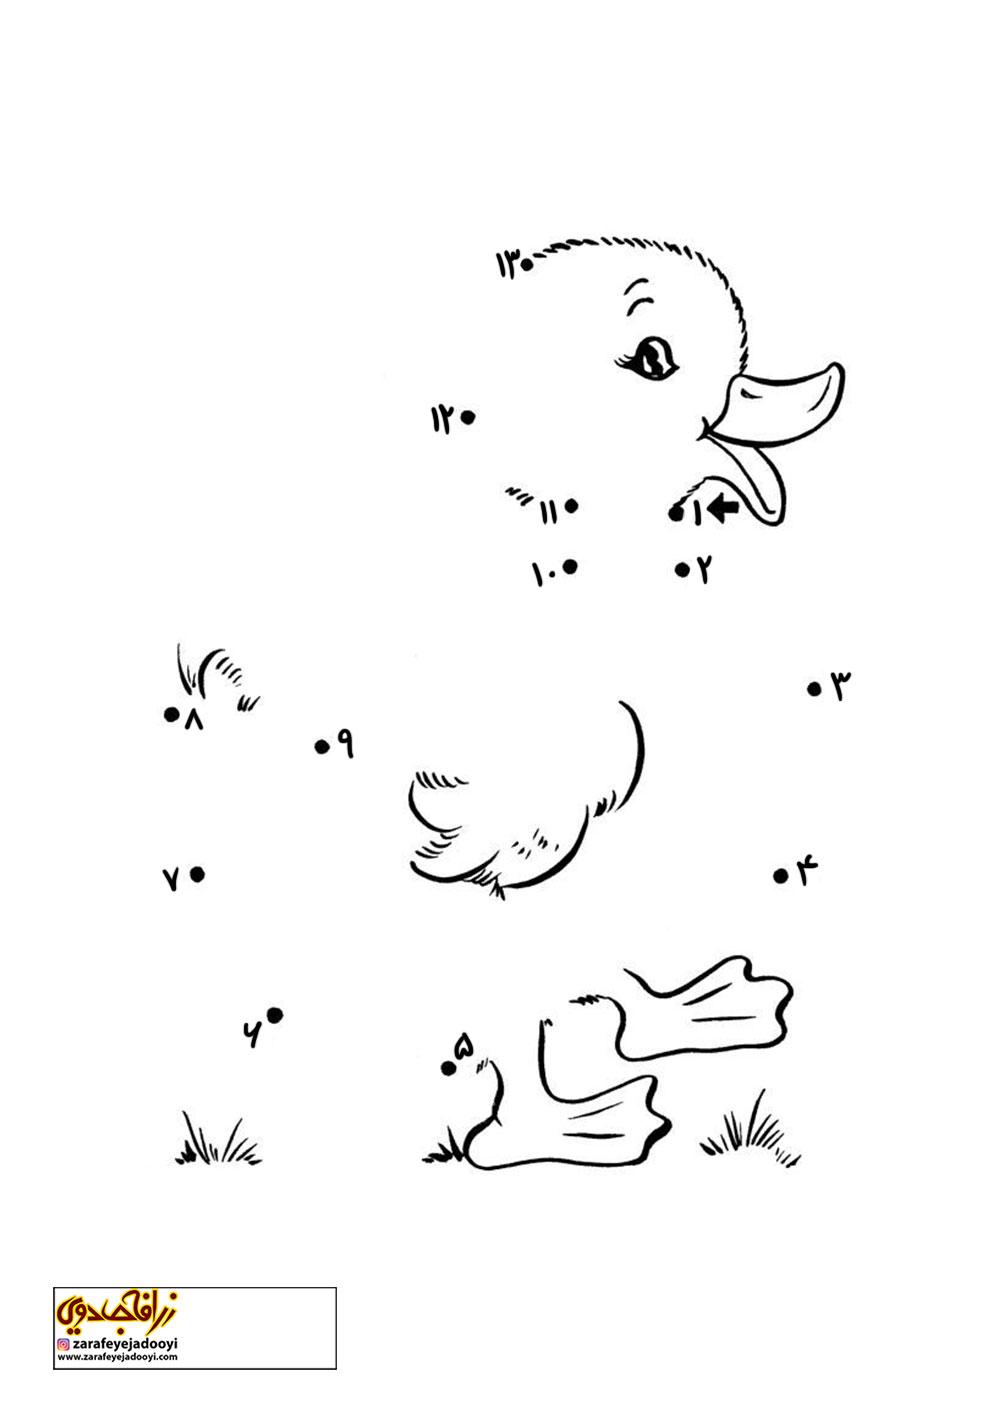 زرافه-جادویی-نقاشی-نقطه-به-نقطه-043